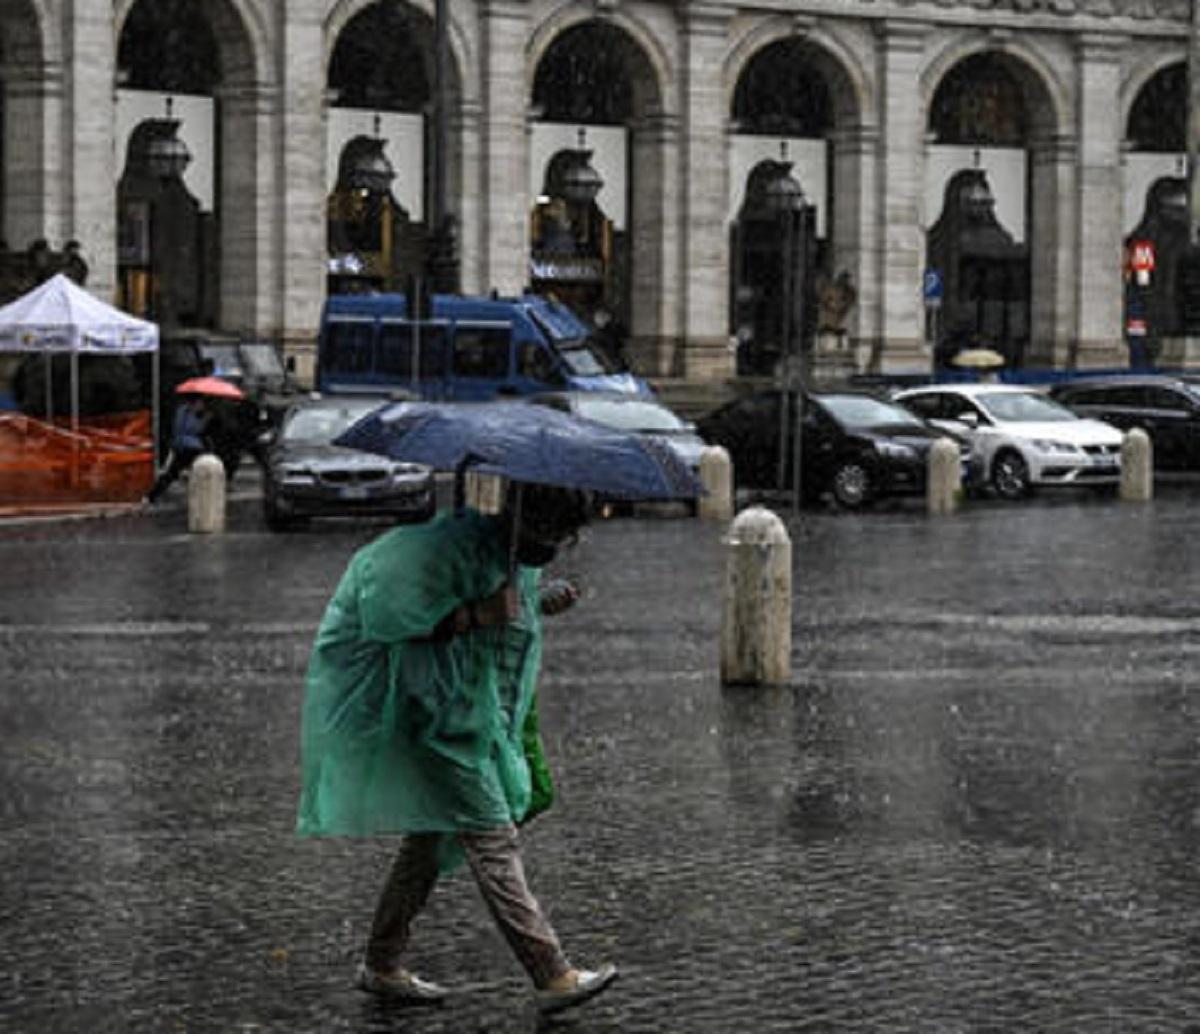 meteo Italia previsioni 3 ottobre temporali piogge